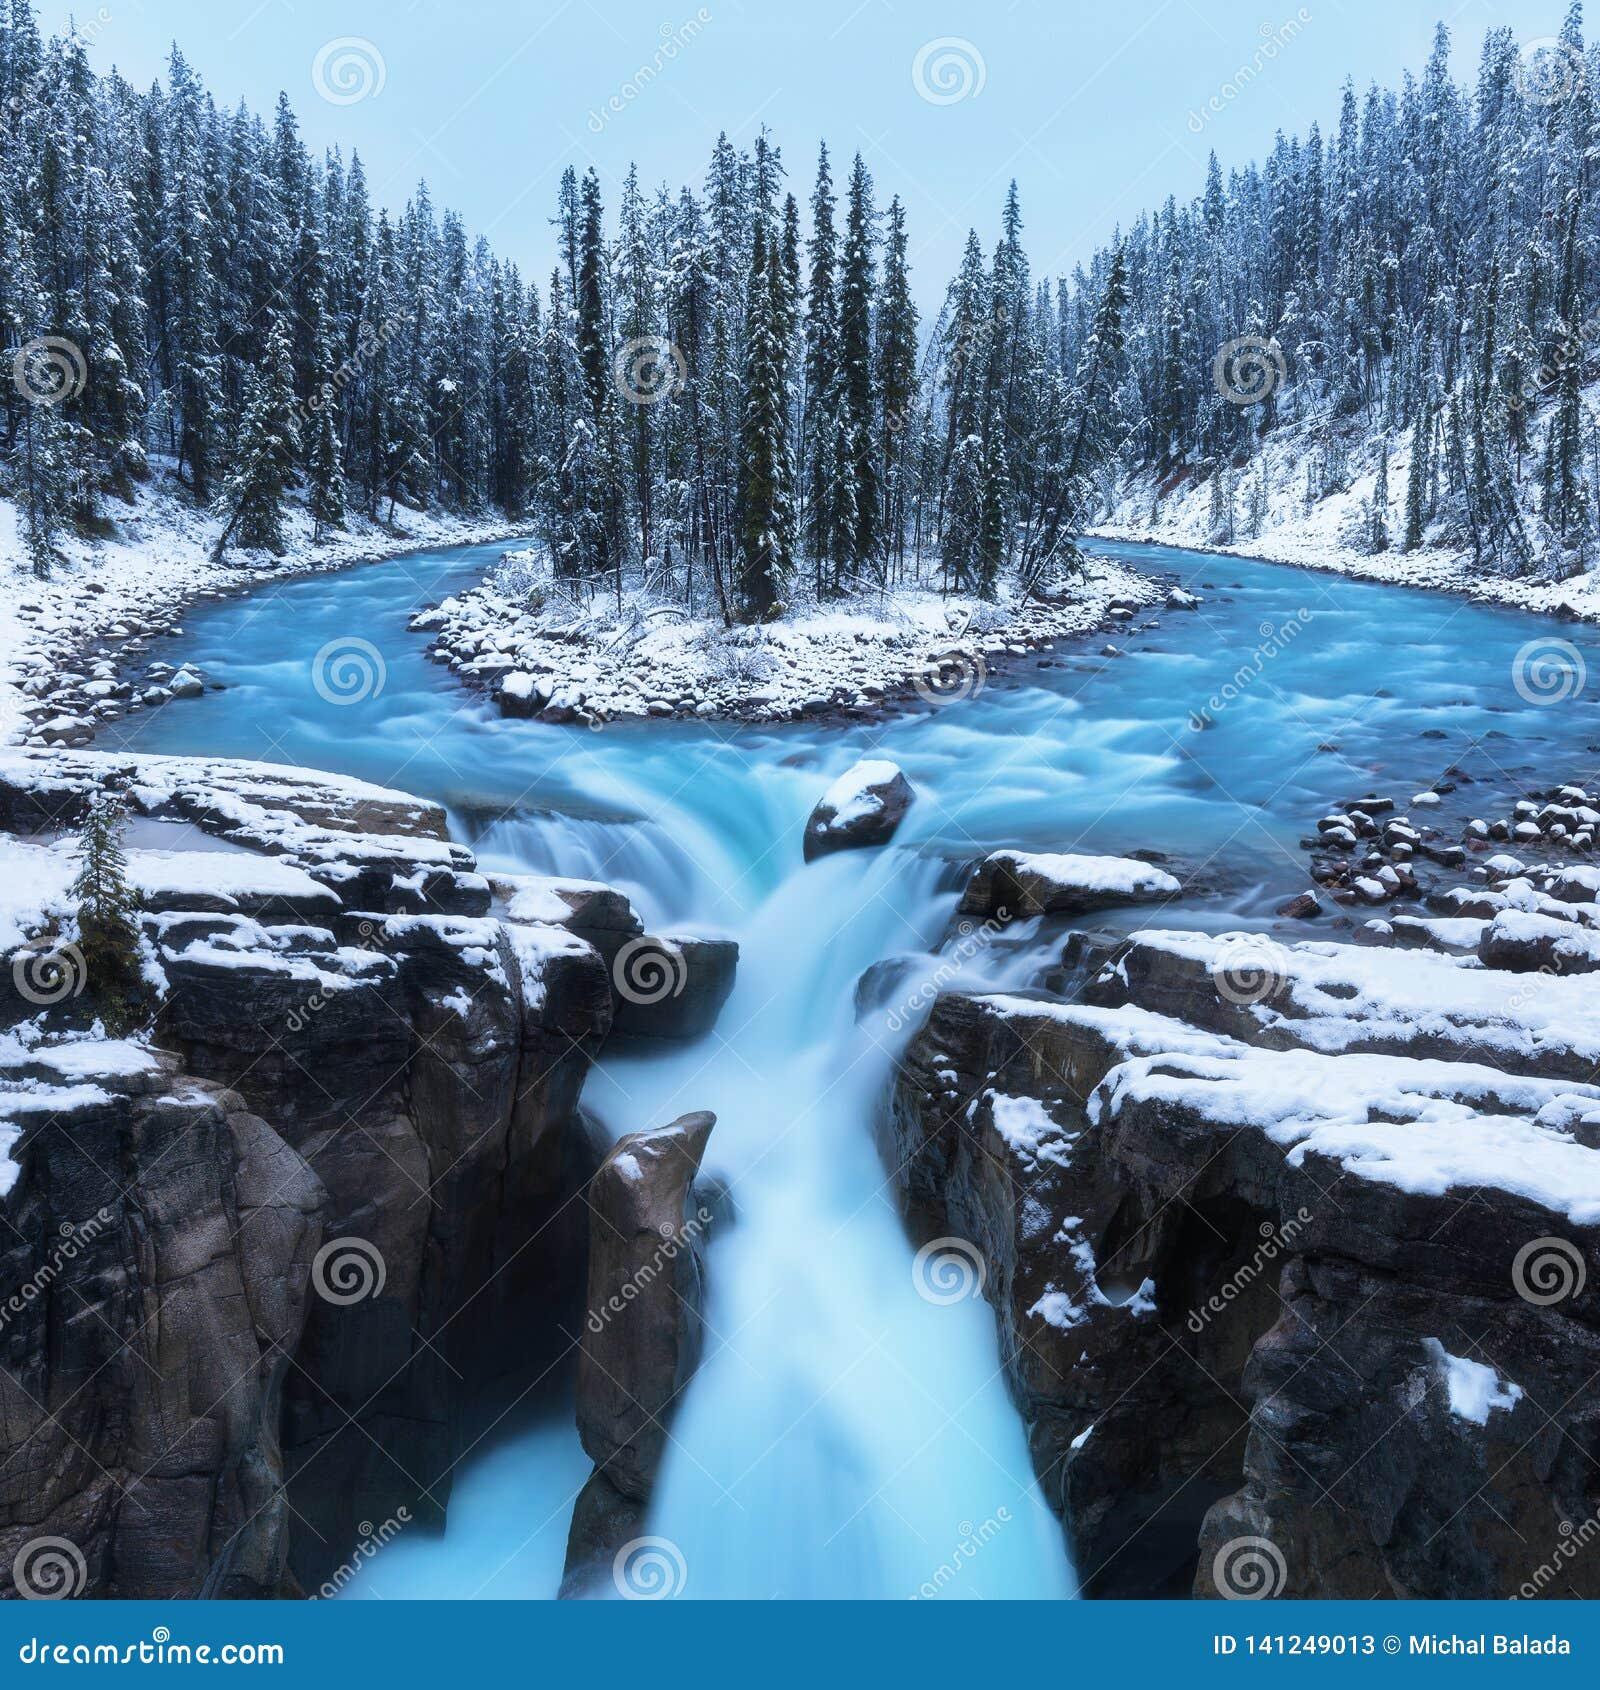 Kalte Landschaft bei Sunwapta Falls auf den Kanadier Rocky Mountains mit Schnee und Tannenbäume in der wunderbaren Landschaft und